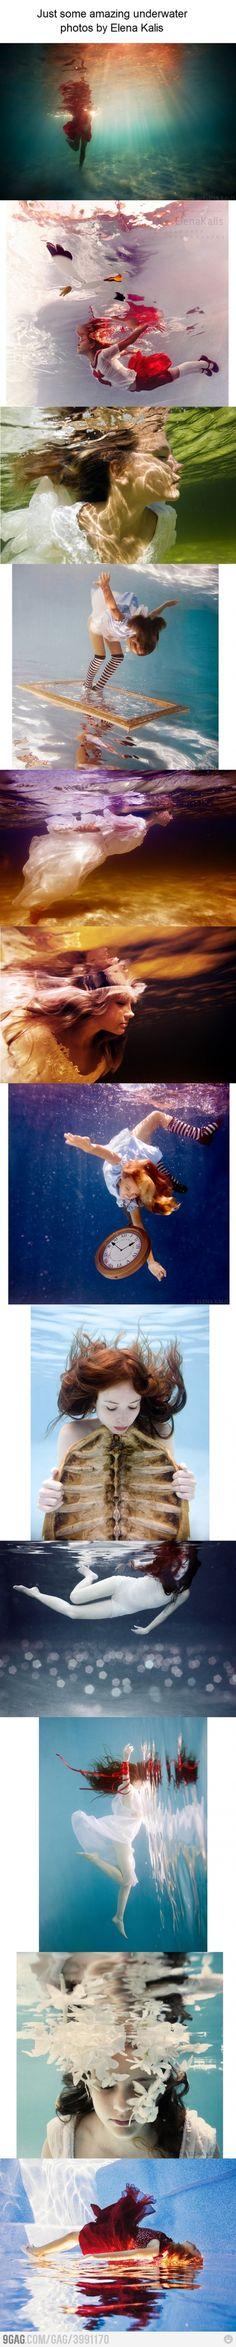 Fotografía submarina #photo